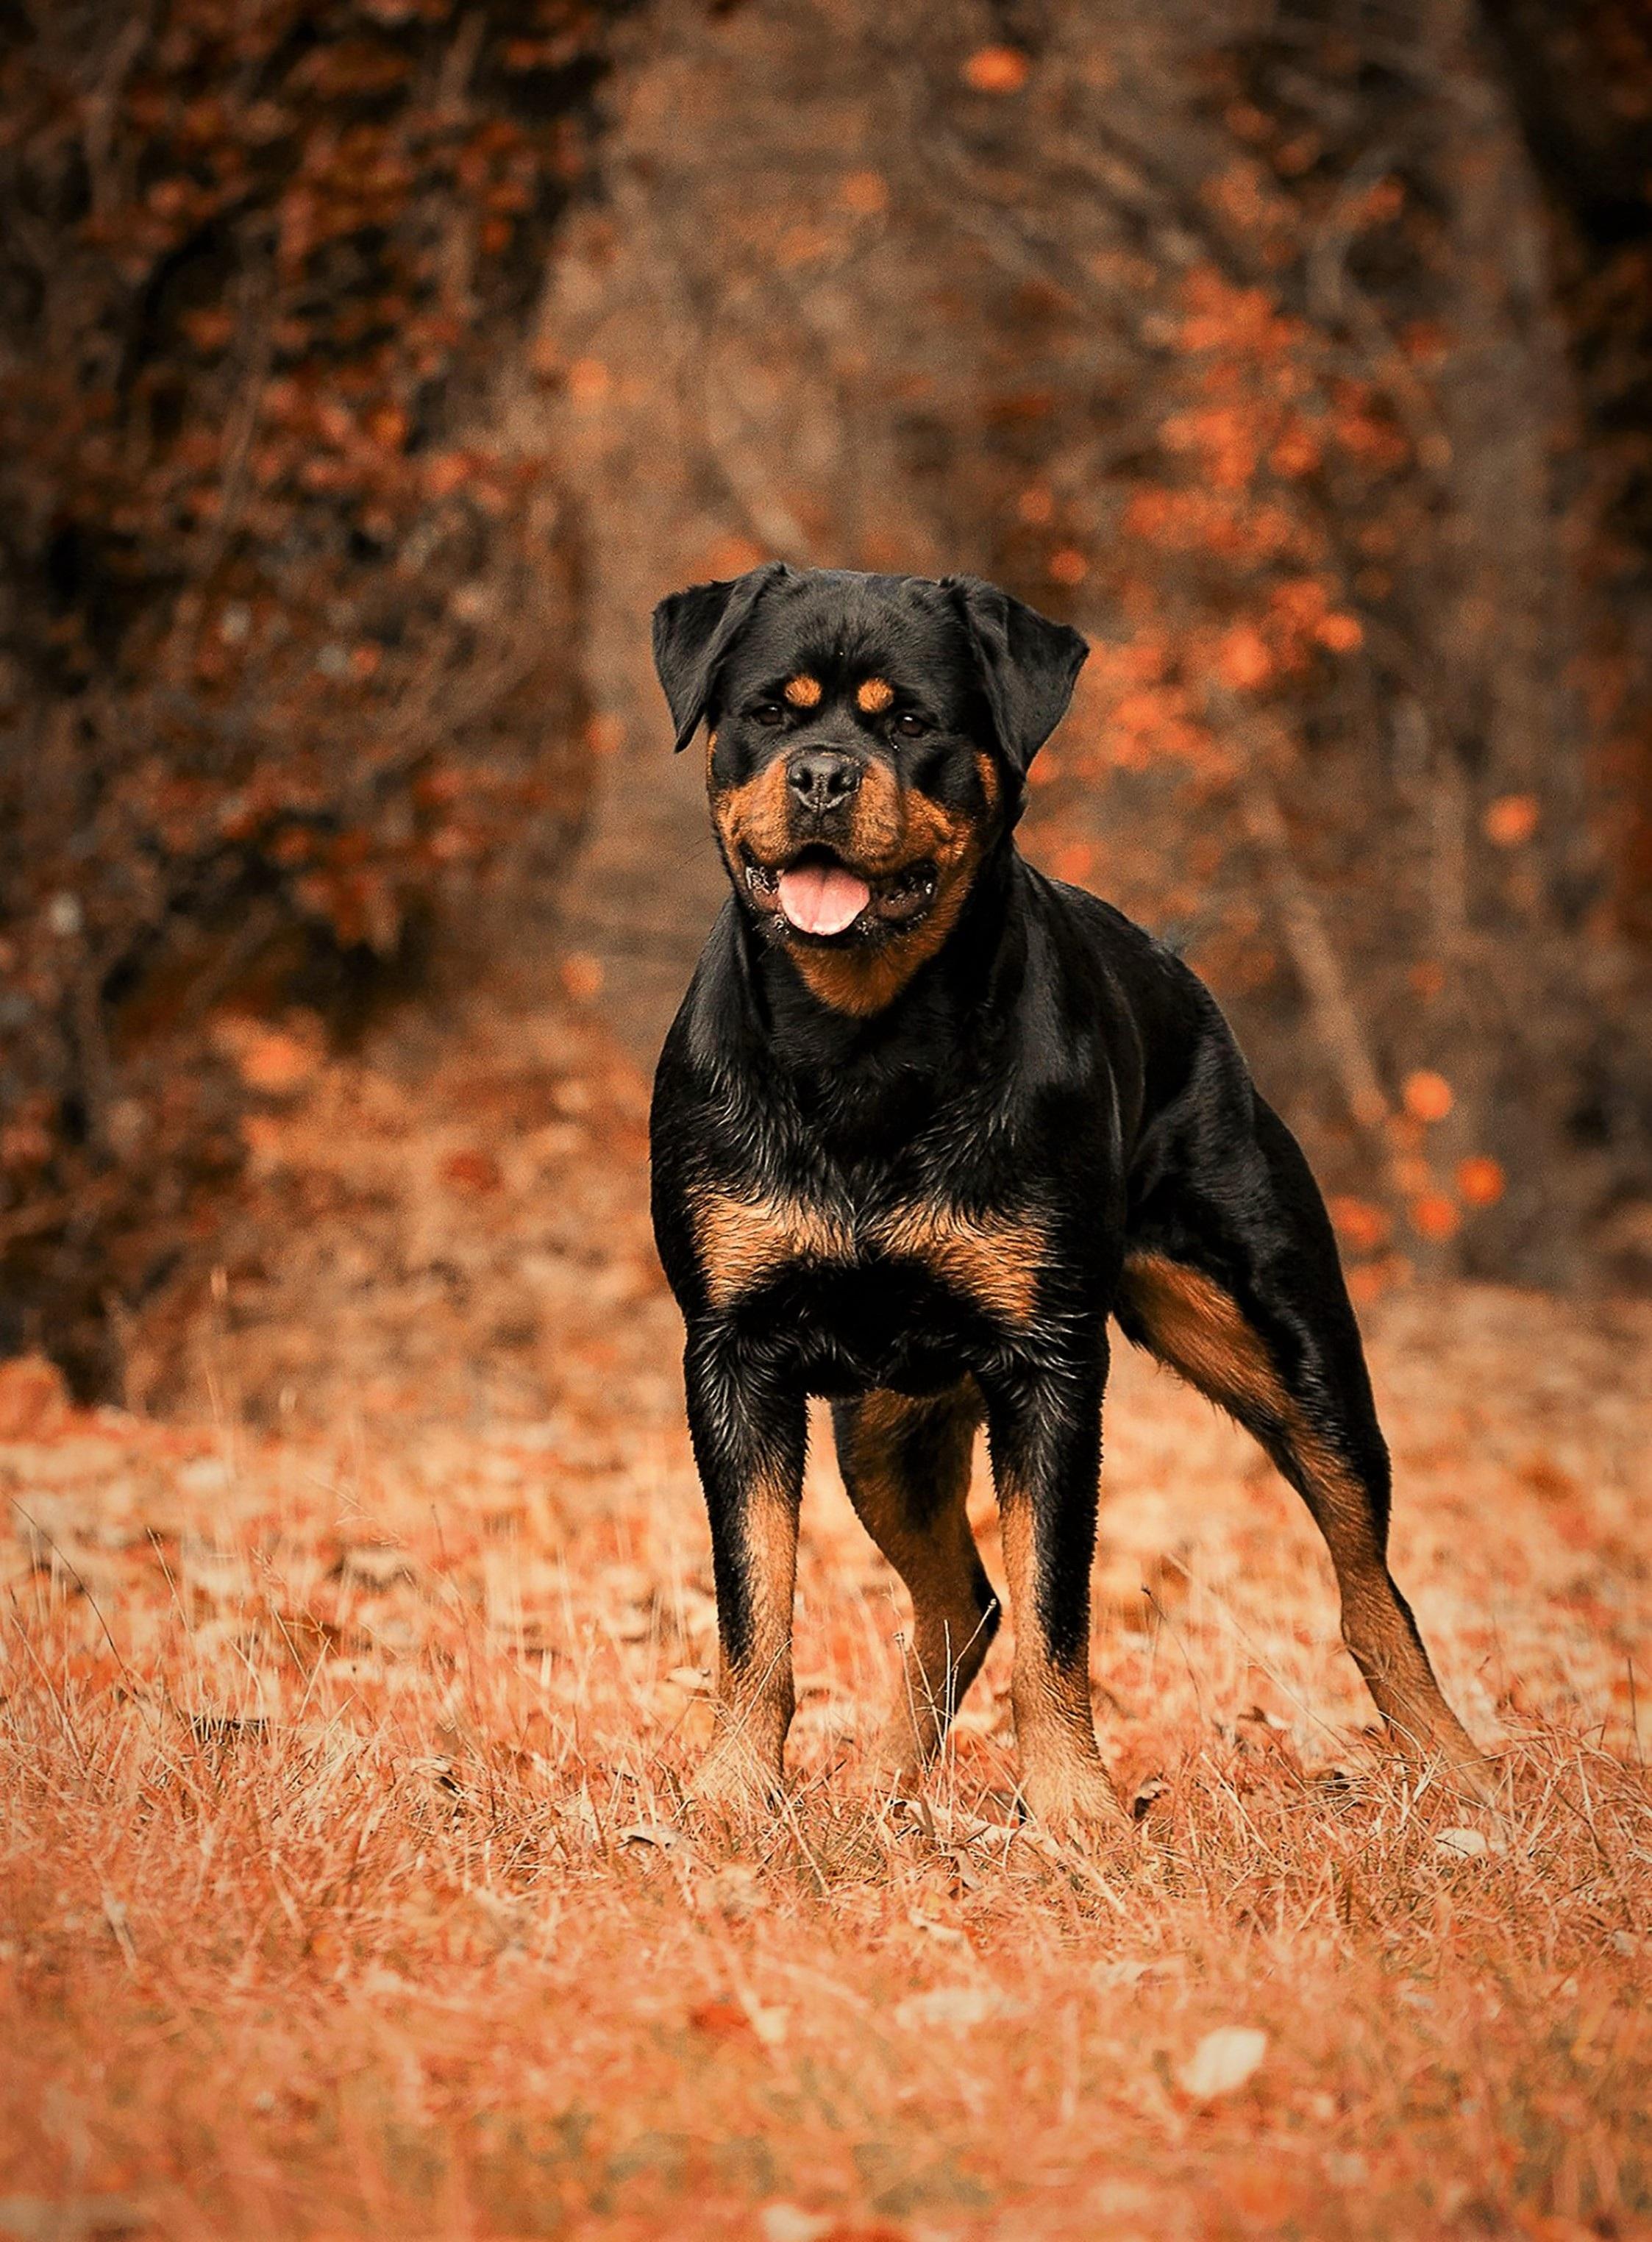 rottweiler dog images - HD2246×3048